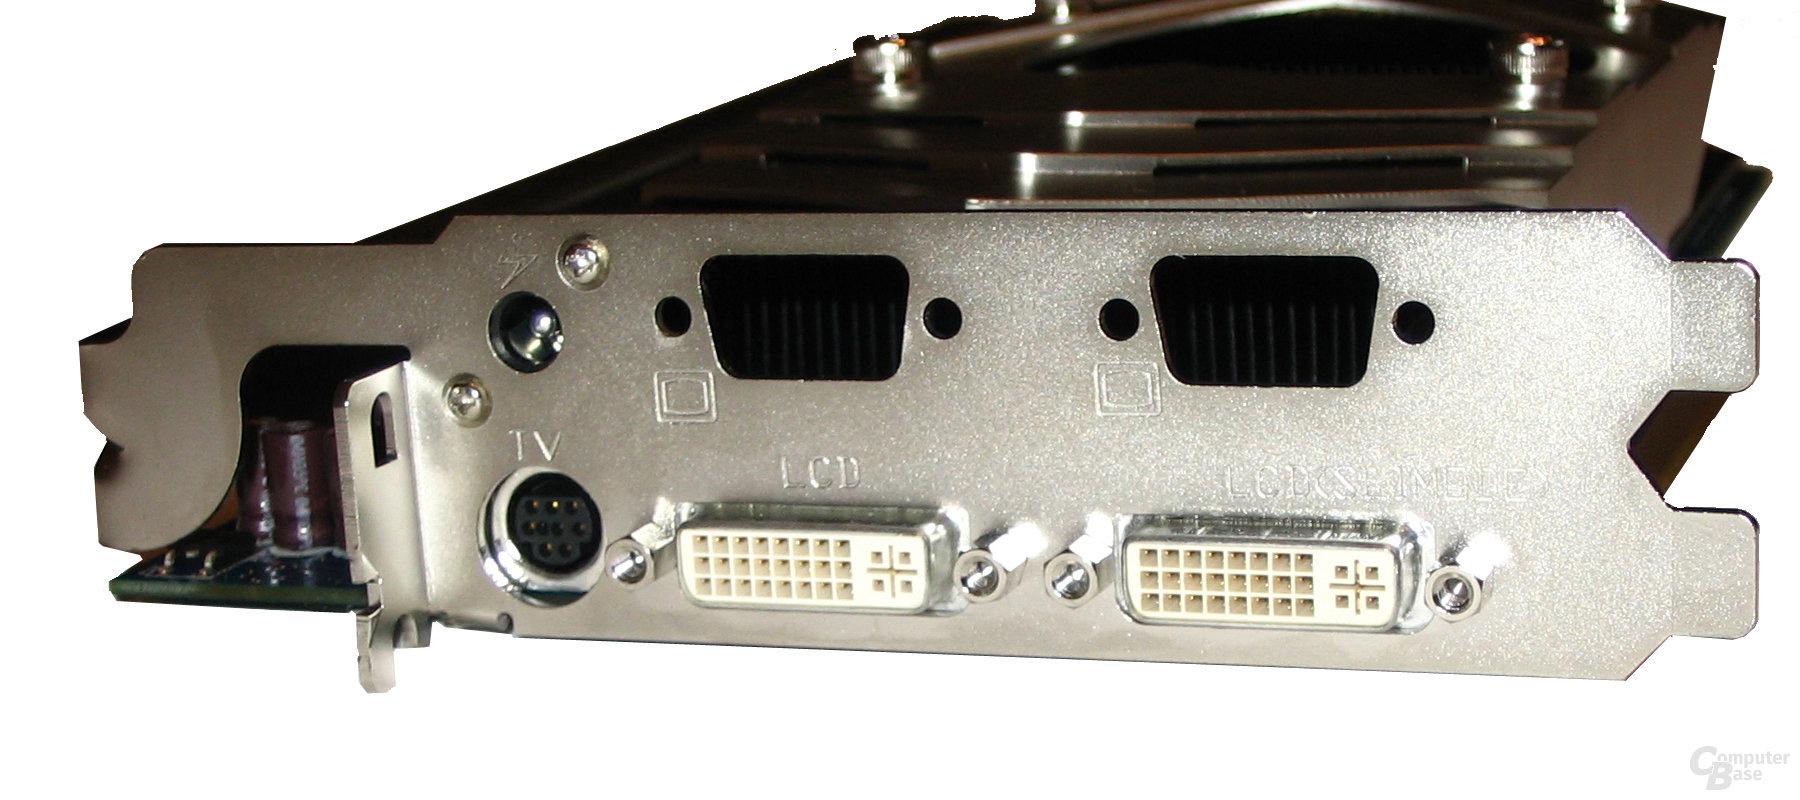 Slotblende N7800GT Dual